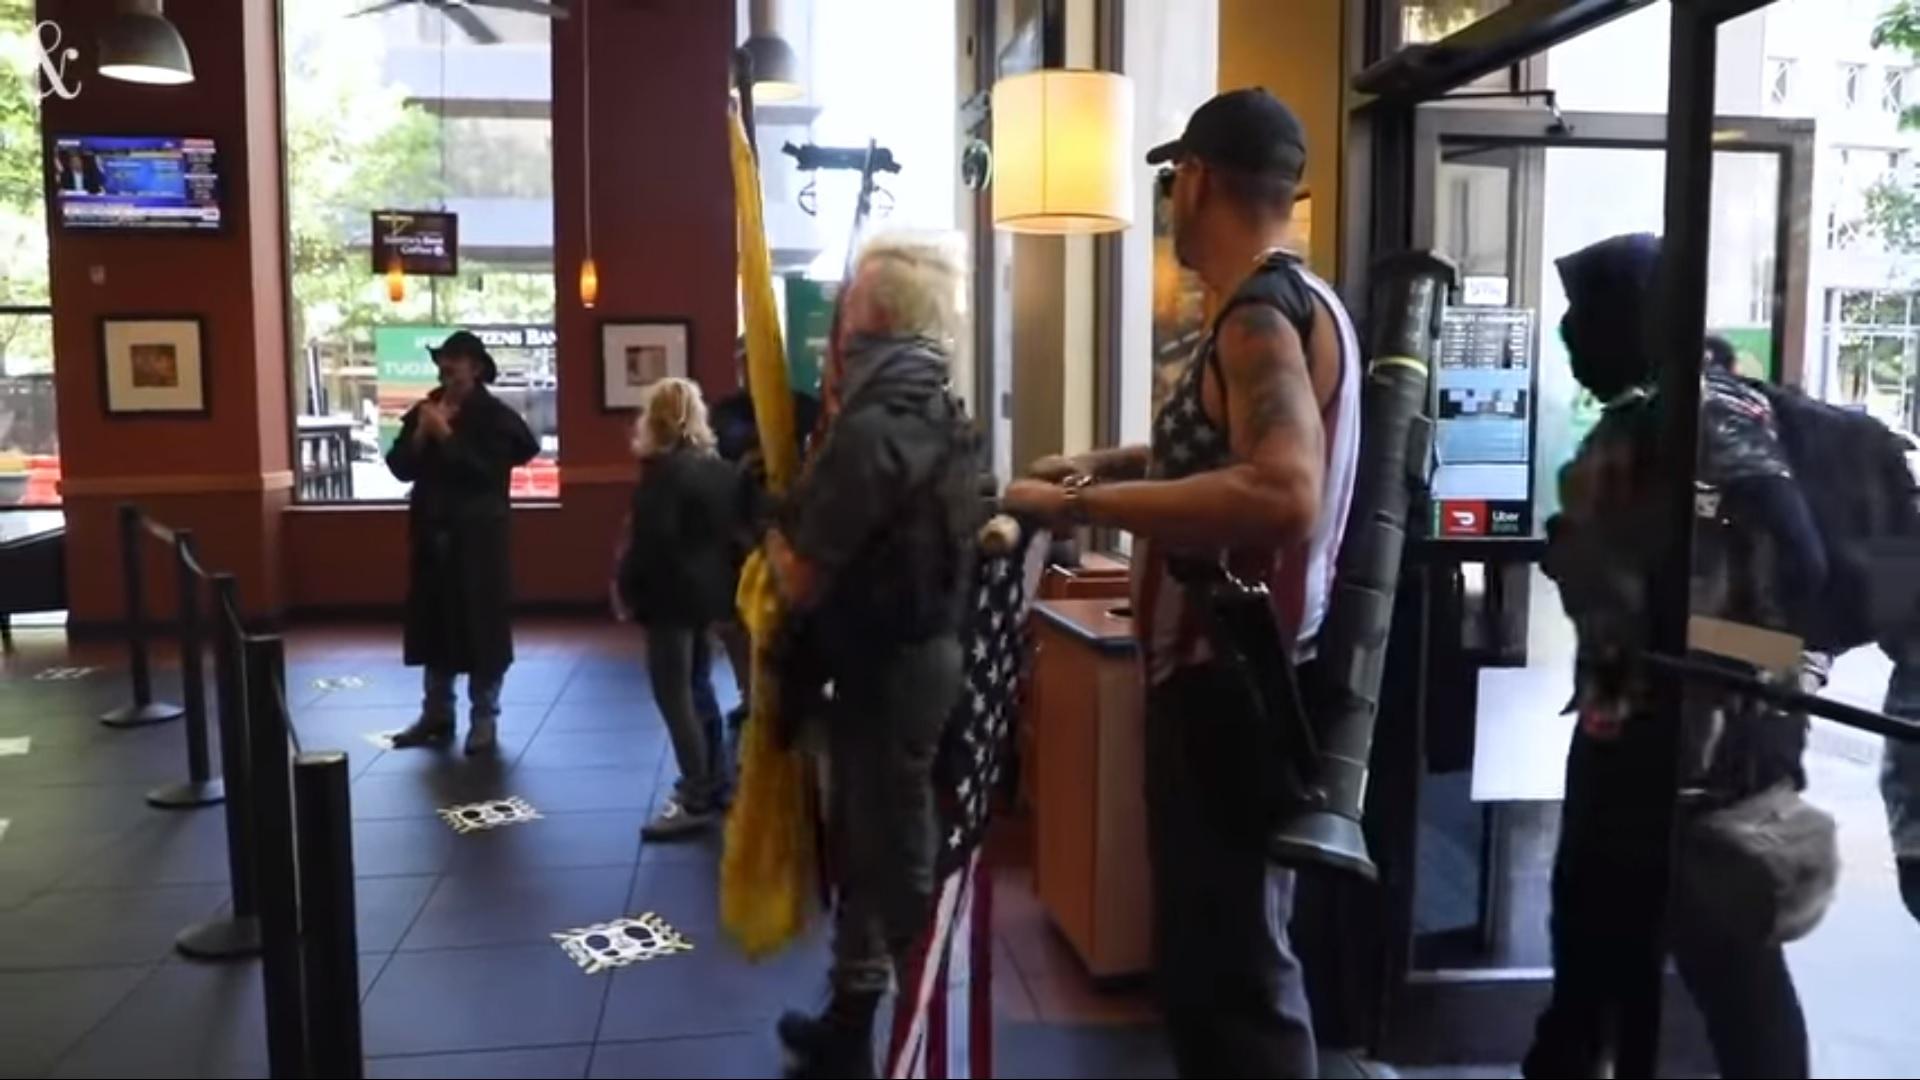 Észak-Karolinában pisztolyokkal, shotgunokkal és rakétavetőkkel ment be 11 tüntető a Subwaybe